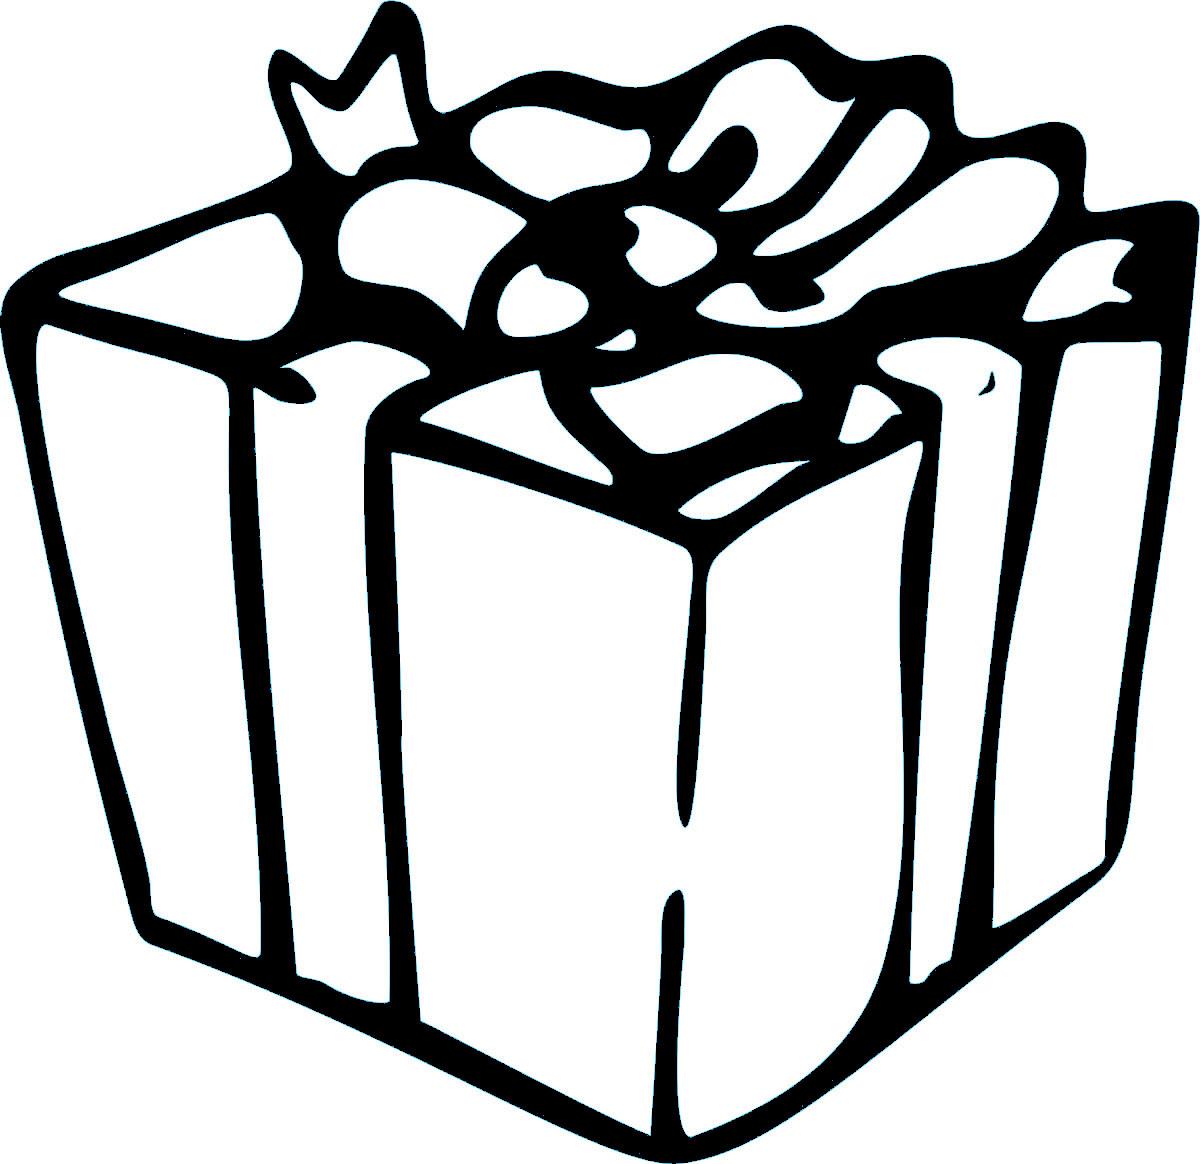 Наклейка автомобильная Оранжевый слоник Подарок в коробке, виниловая, цвет: черный150NG0007BОригинальная наклейка Оранжевый слоник Подарок в коробке изготовлена из высококачественной виниловой пленки, которая выполняет не только декоративную функцию, но и защищает кузов автомобиля от небольших механических повреждений, либо скрывает уже существующие. Виниловые наклейки на автомобиль - это не только красиво, но еще и быстро! Всего за несколько минут вы можете полностью преобразить свой автомобиль, сделать его ярким, необычным, особенным и неповторимым!